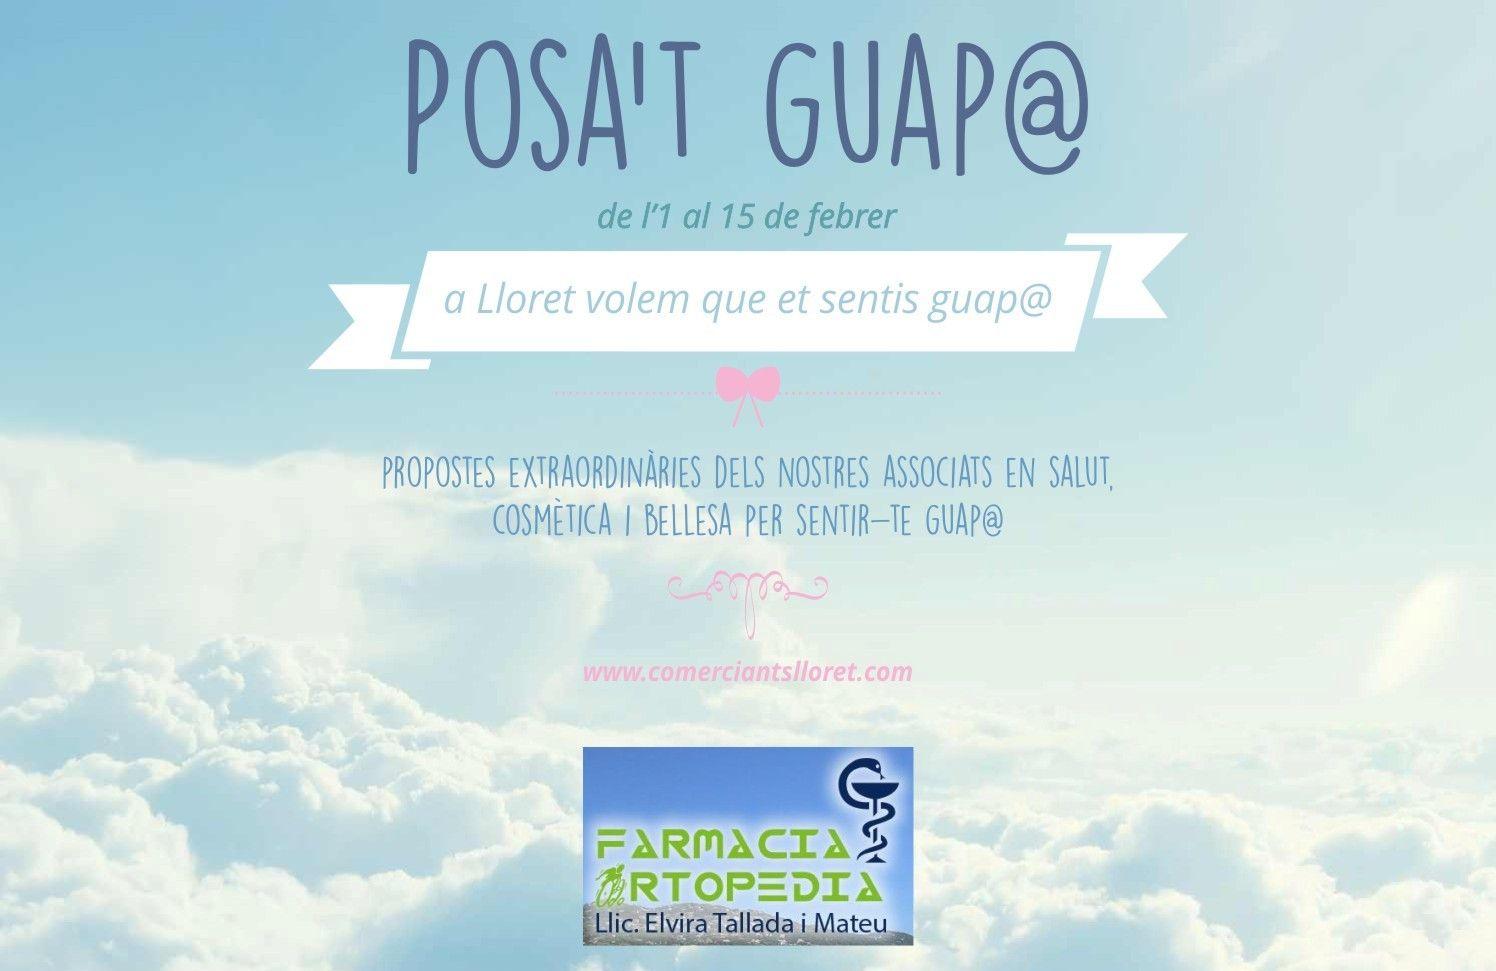 Mira la promoció de la Farmàcia i Ortopèdia Elvira Tallada  http://www.comerciantslloret.com/ca/farmacia/farmacia-tallada